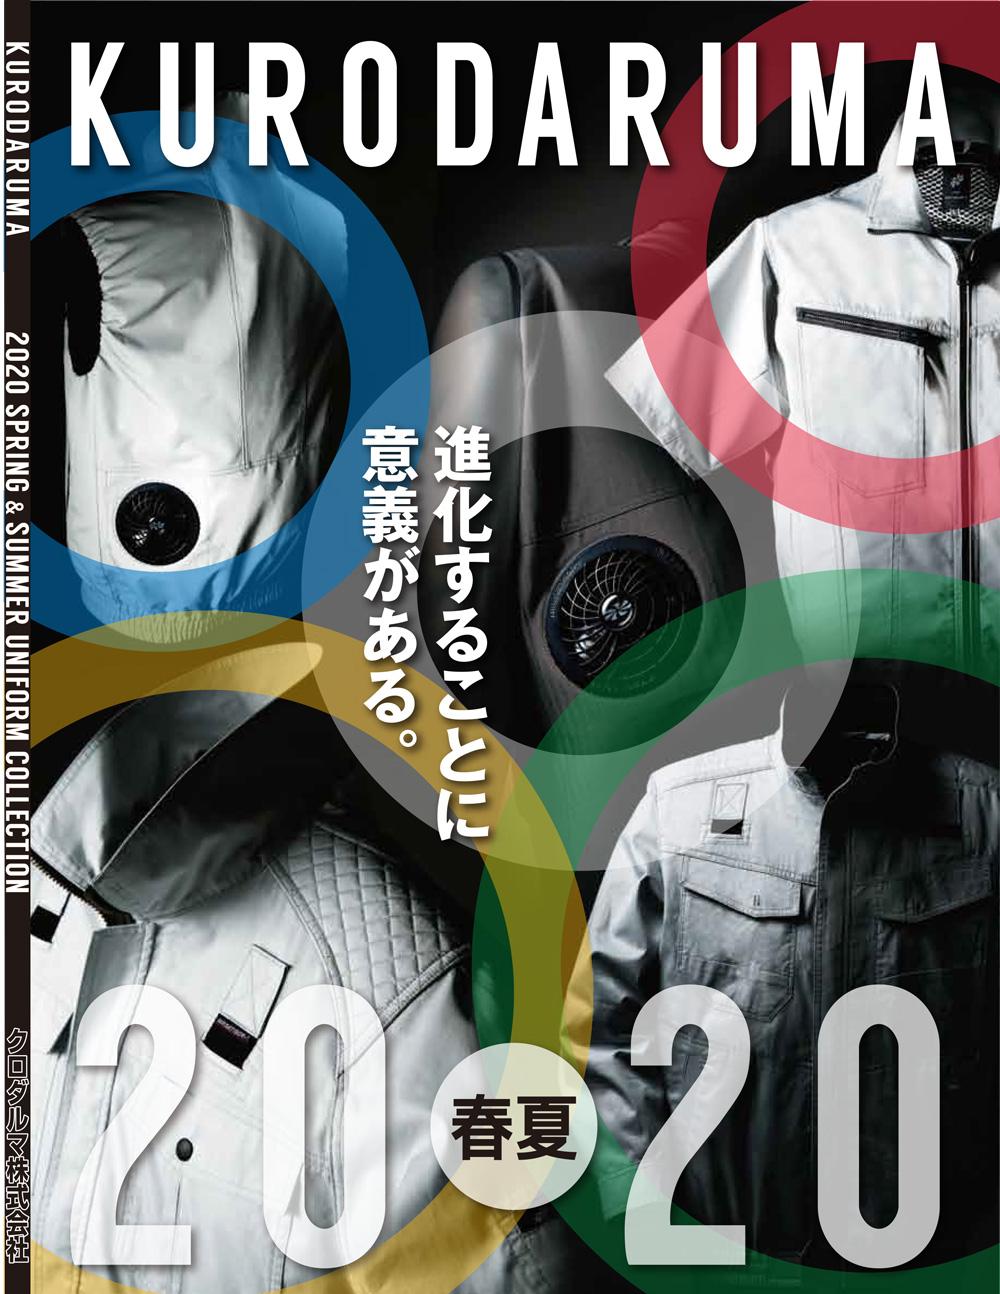 クロダルマ 2020年春夏カタログ